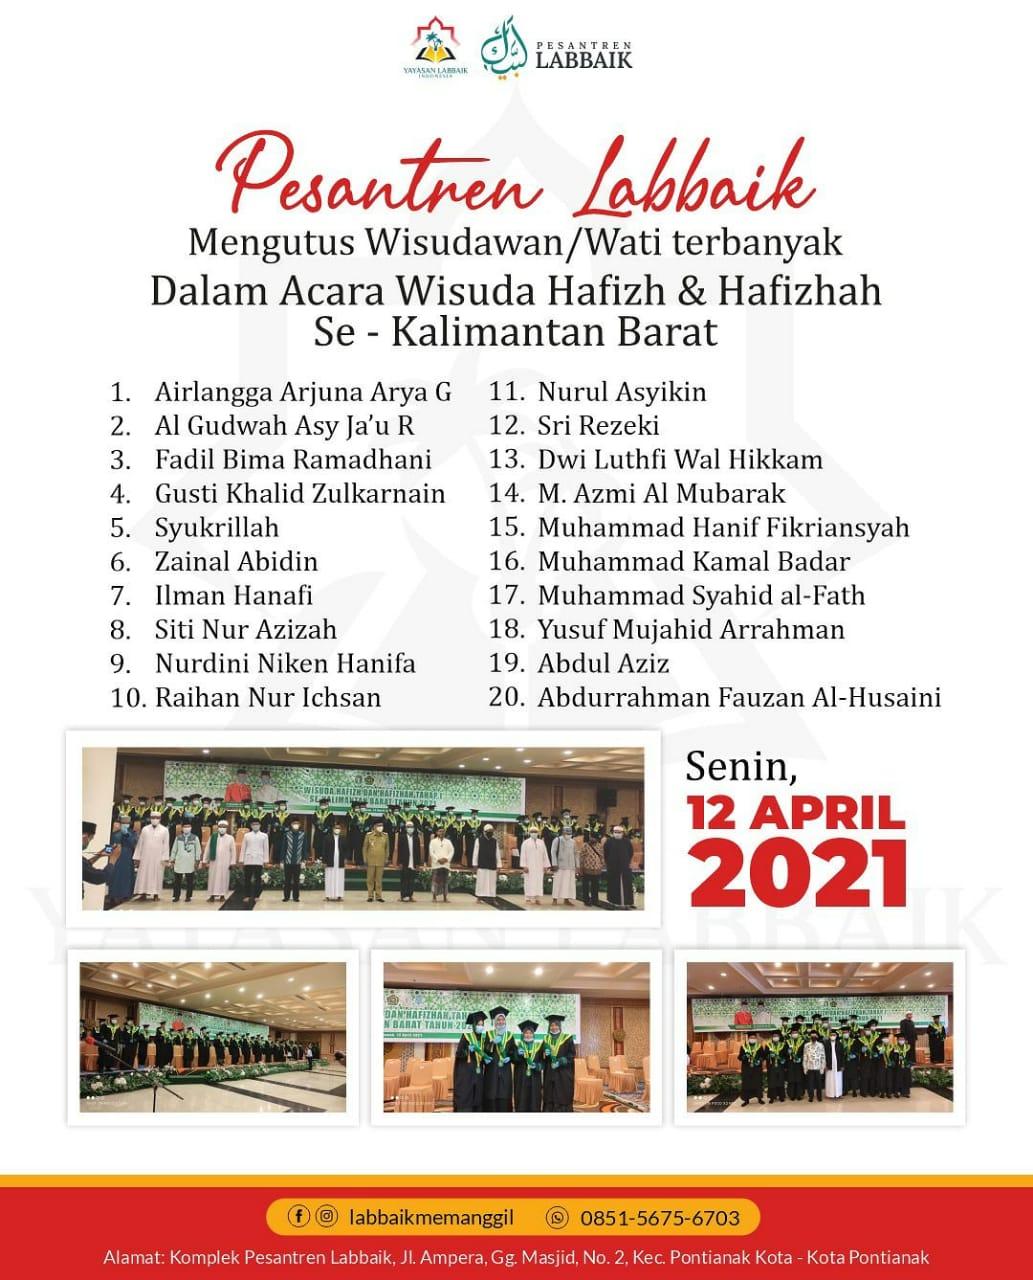 Rekor Wisuda Hafizh/ah 30 Juz Terbanyak Kalbar tahap I tahun 2021 dari pesantren Labbaik - Gubernur Bahagia